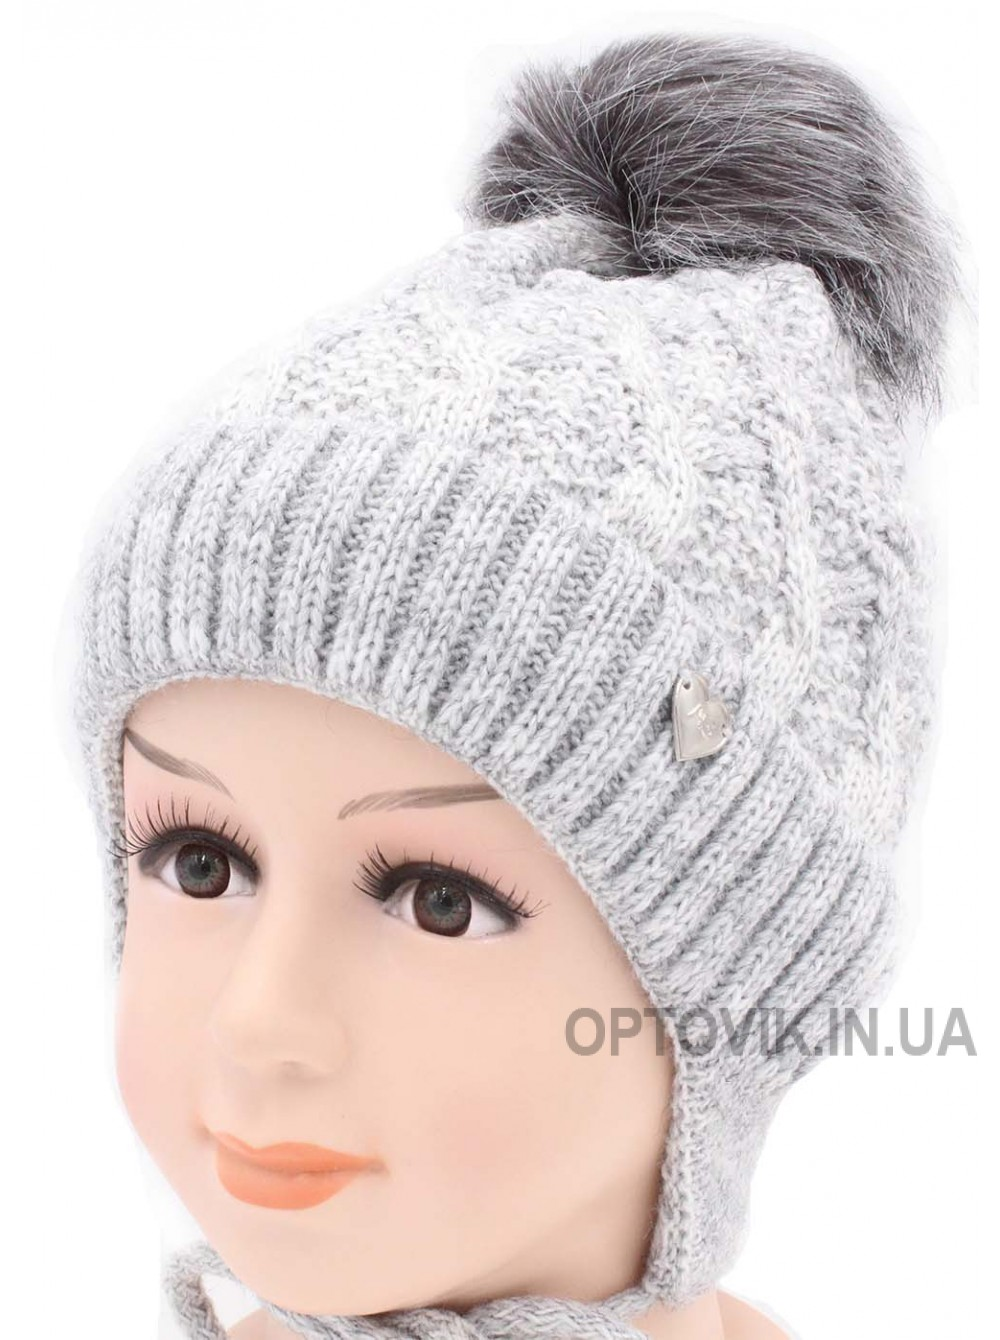 Детская вязаная шапка Зоряна D45928-48-52